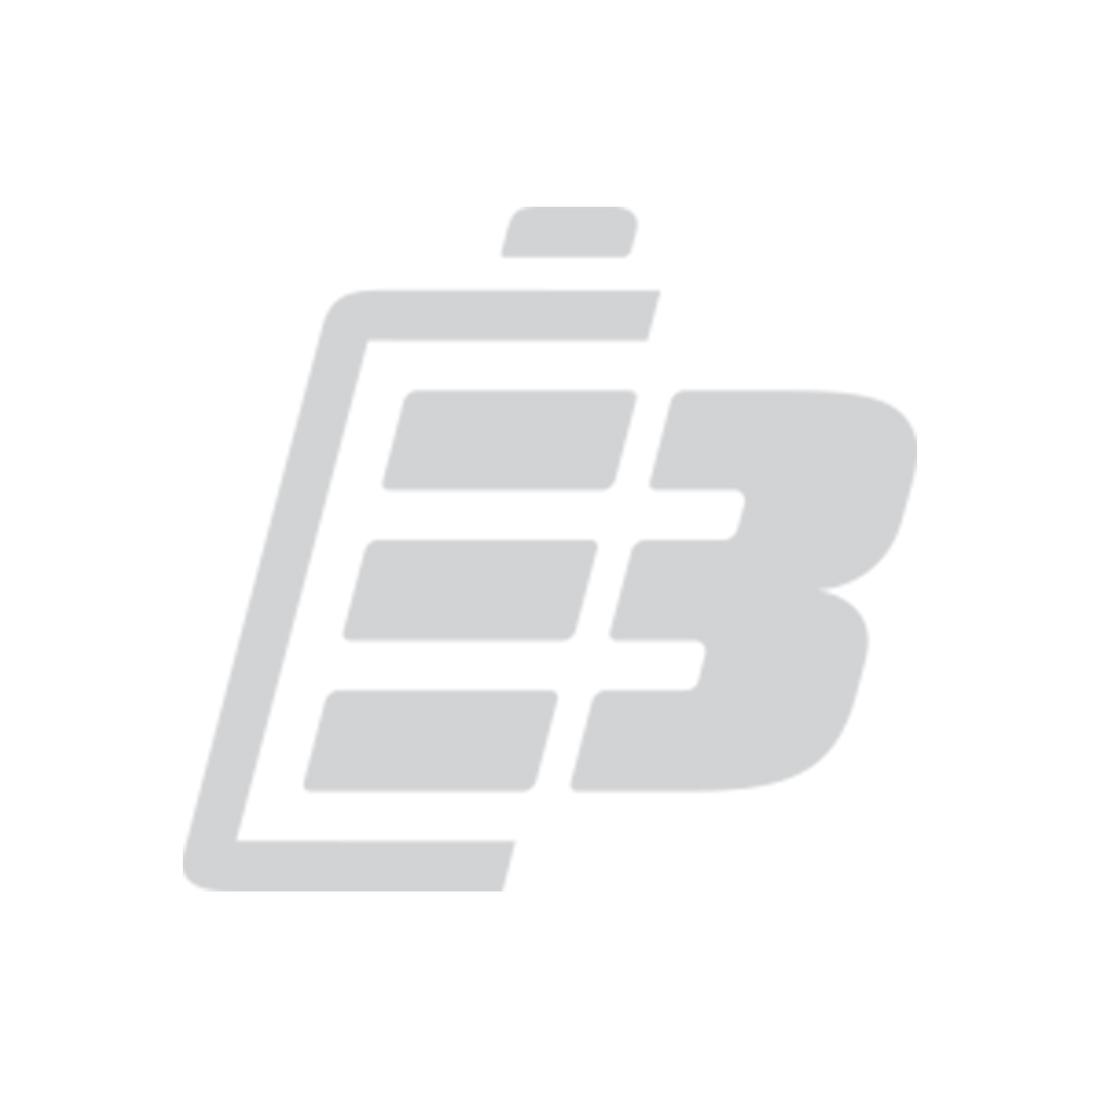 Μπαταρία φωτογραφικής μηχανής Sony NP-BK1_1